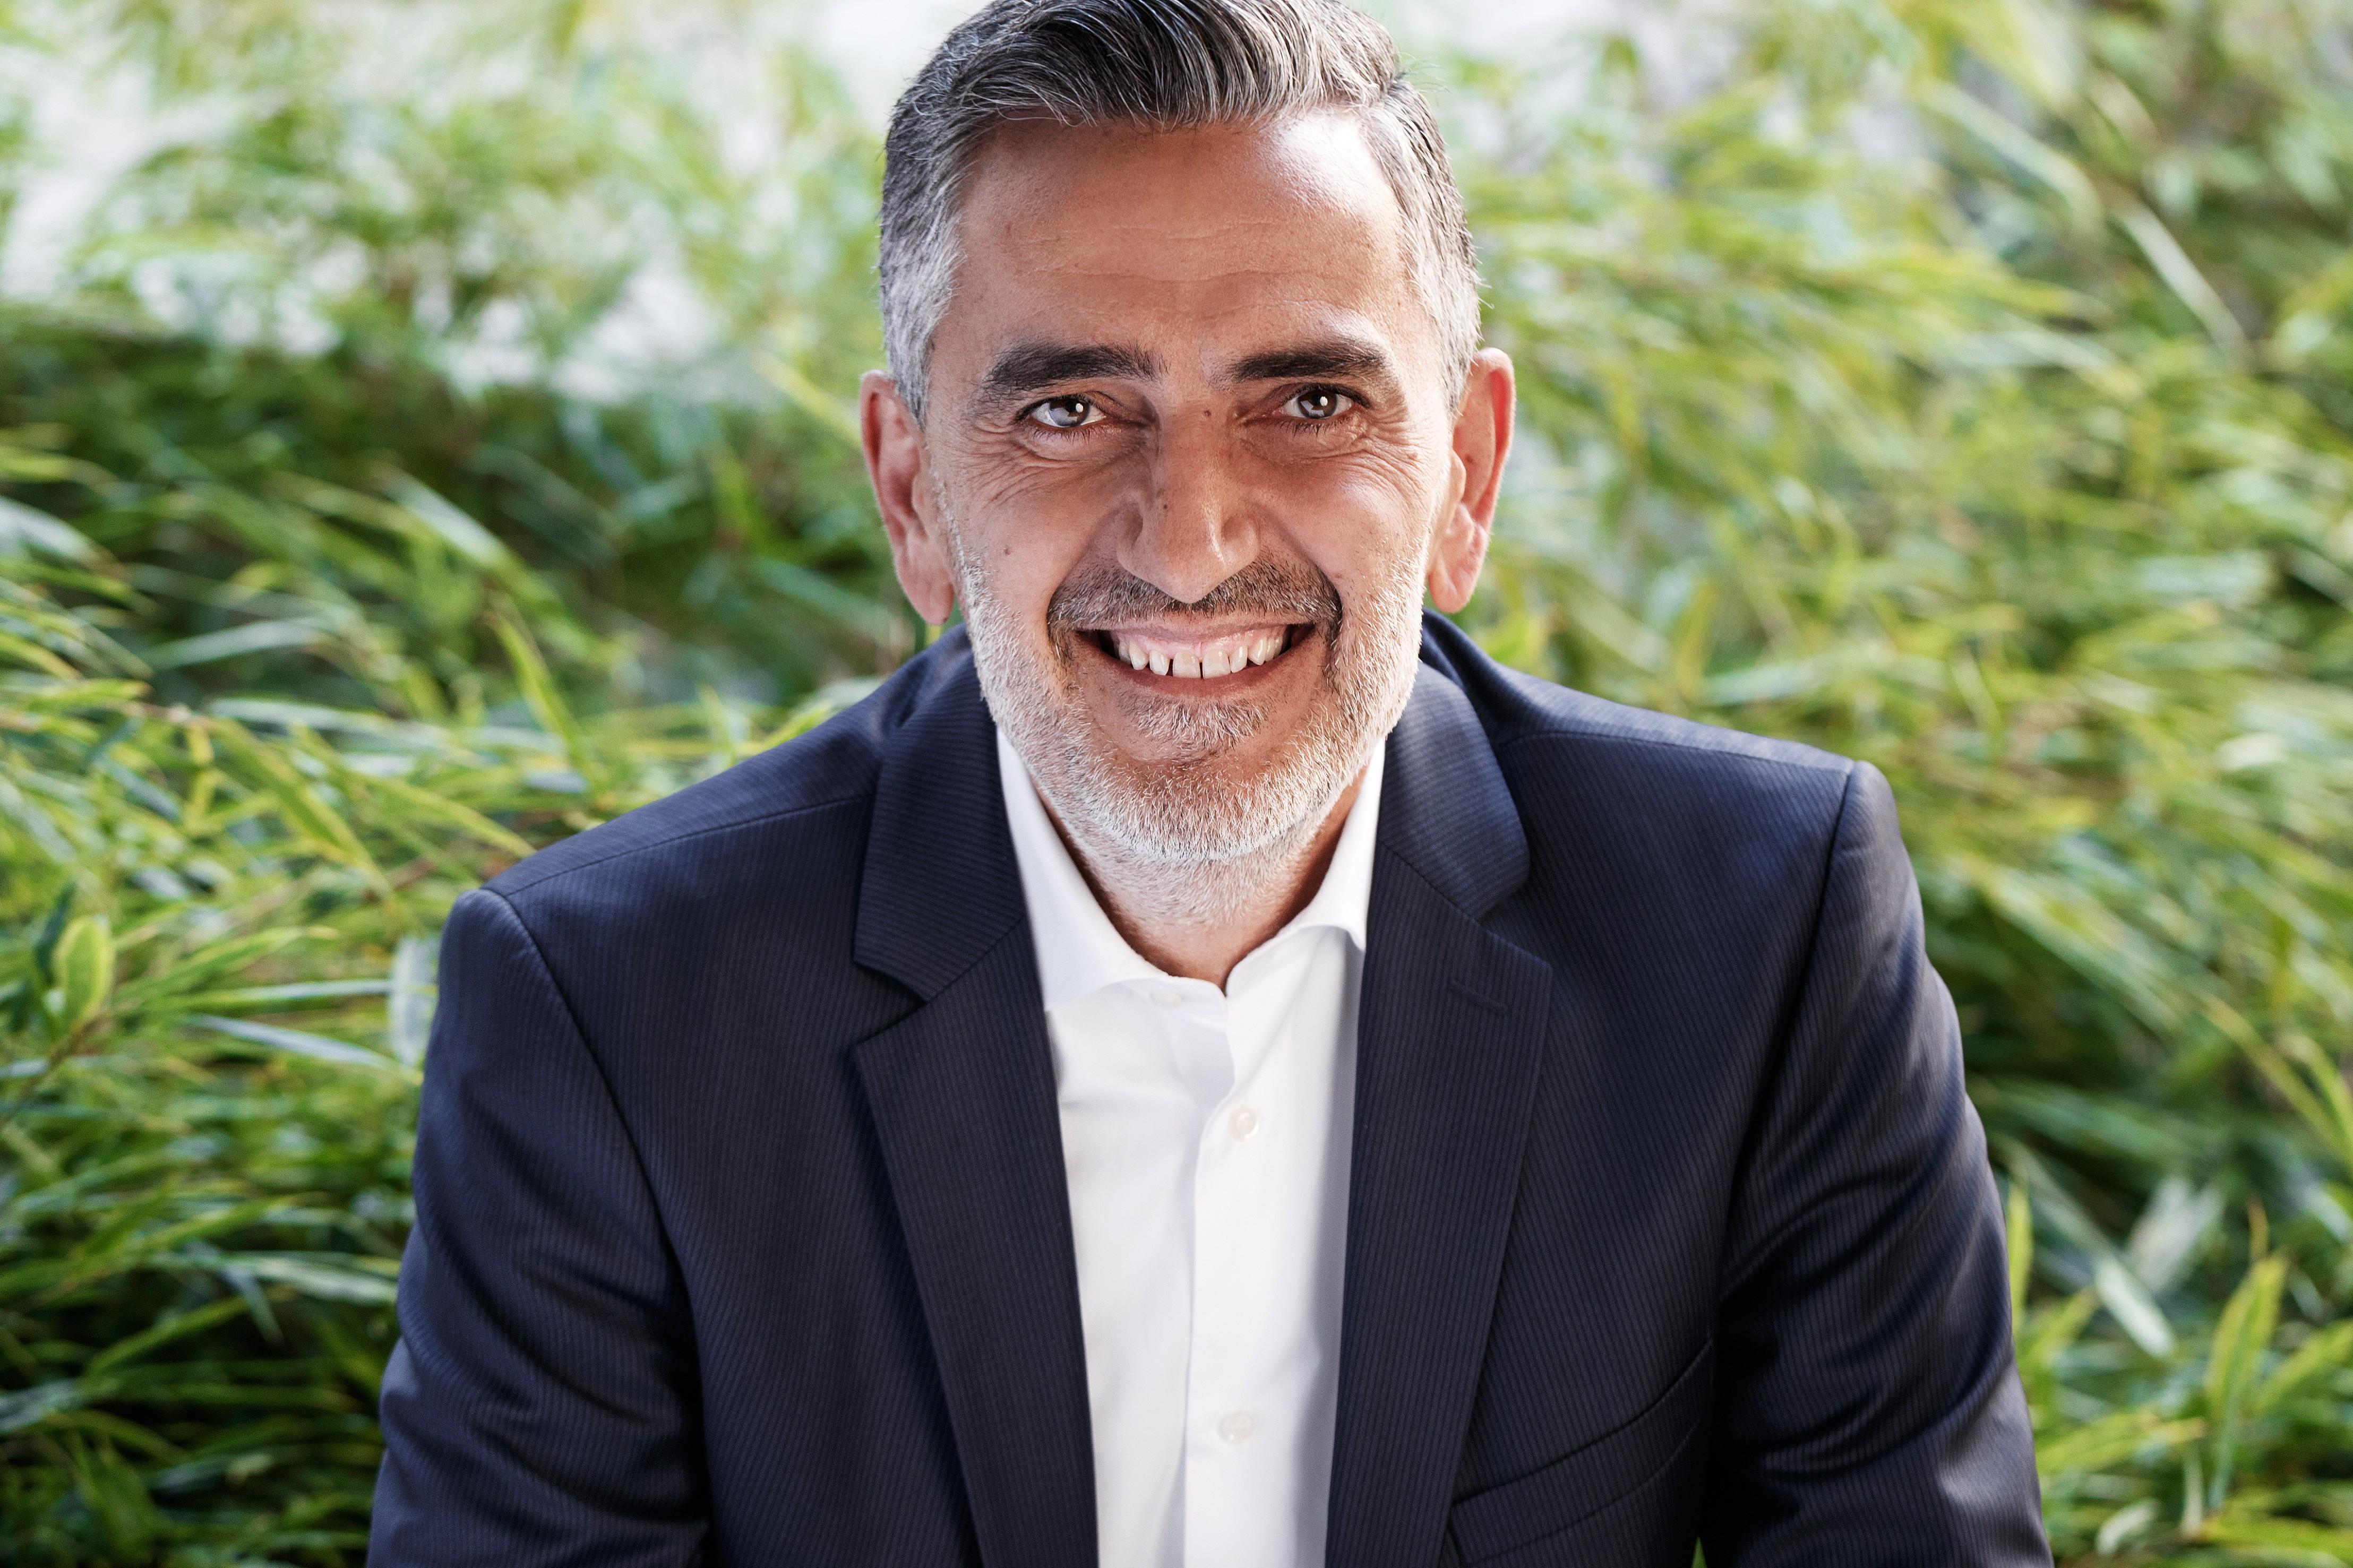 Moussa Srour